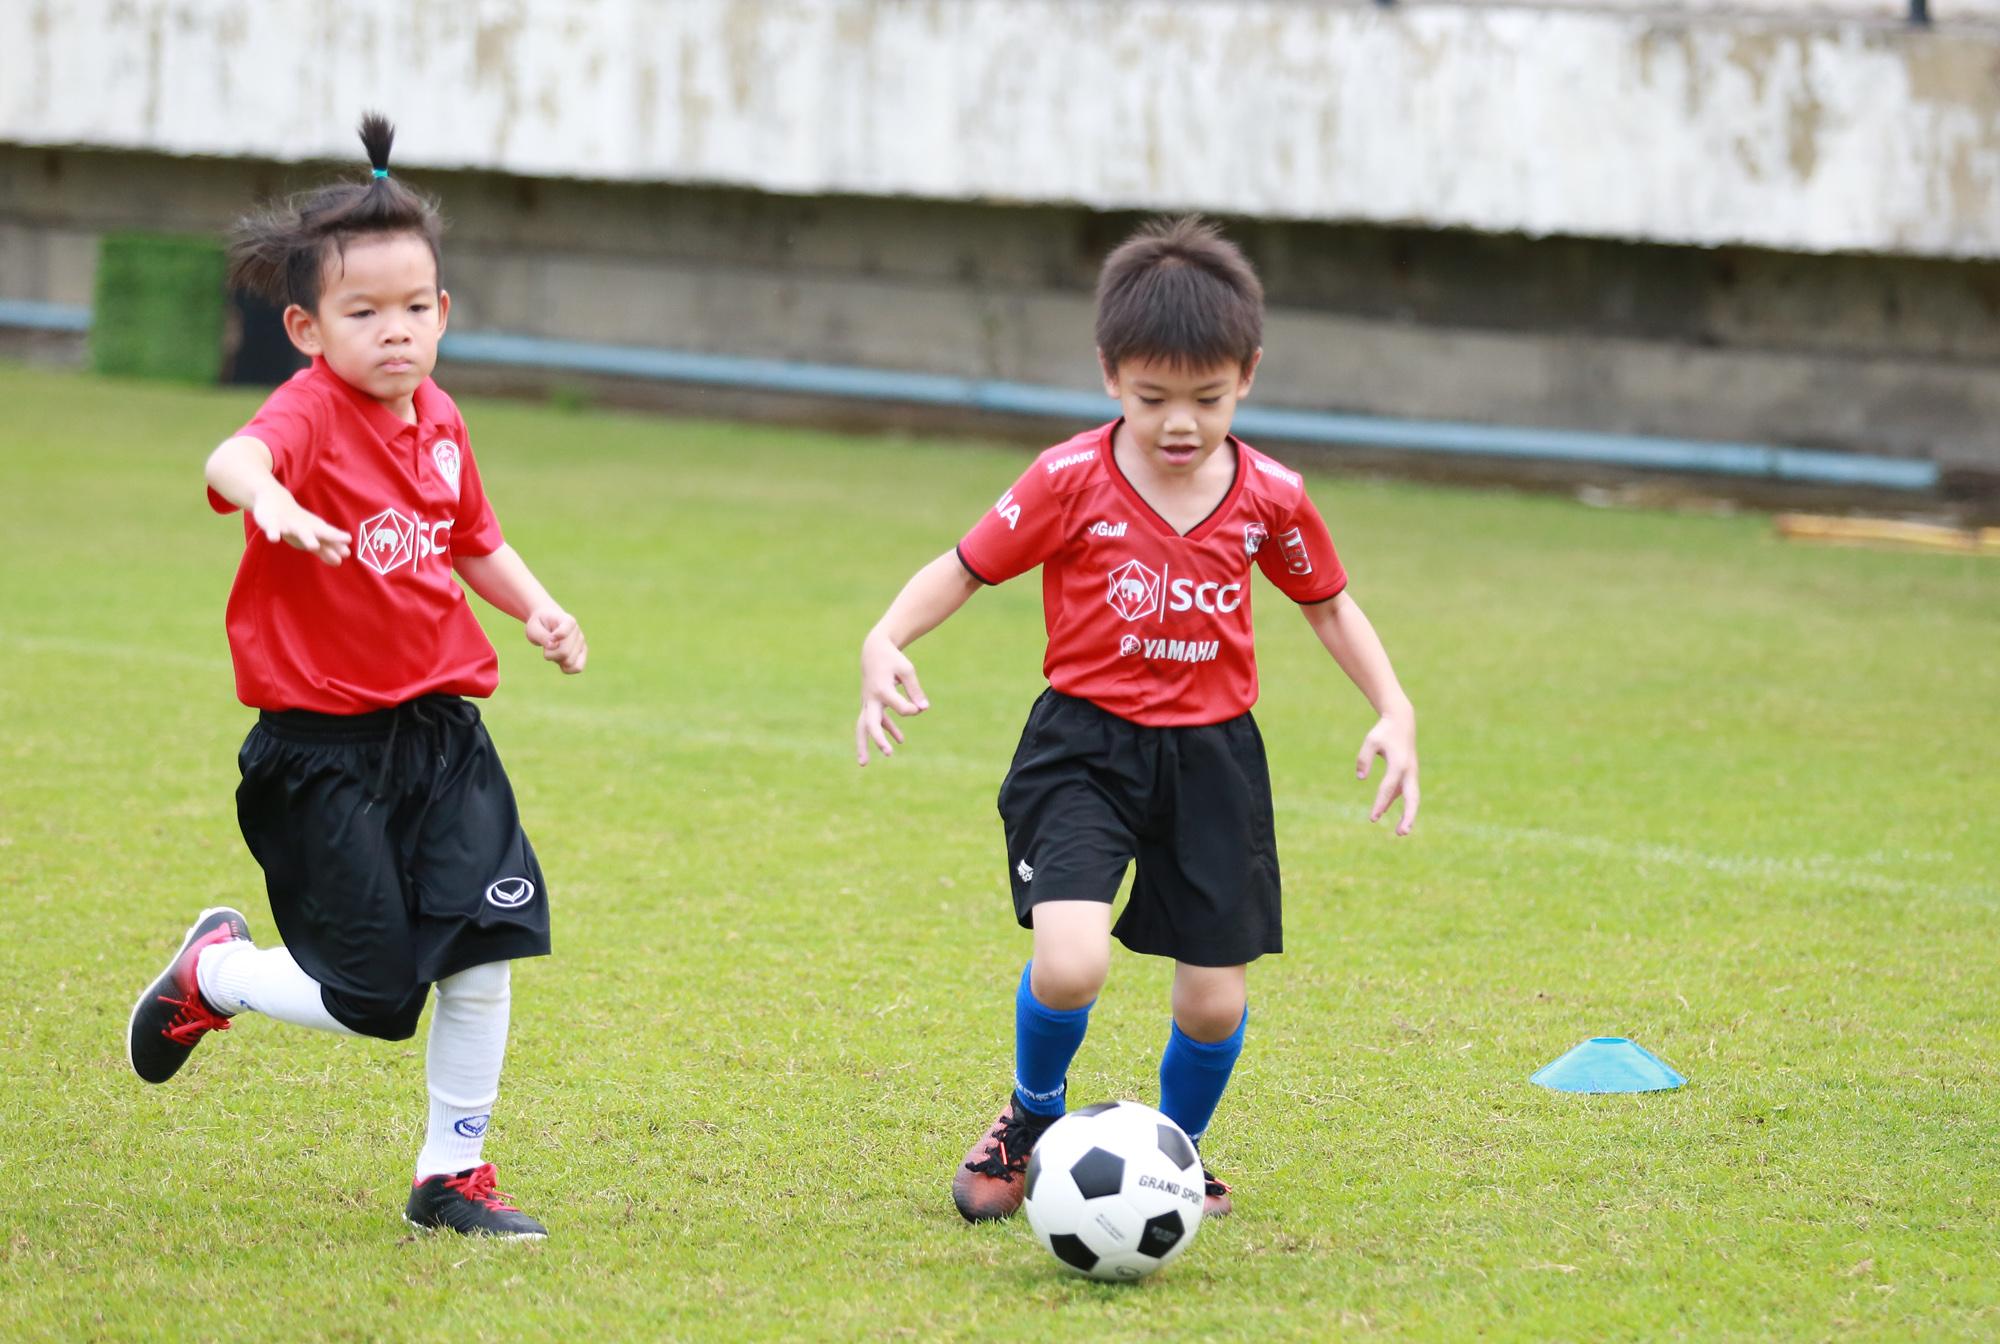 soccerschools3